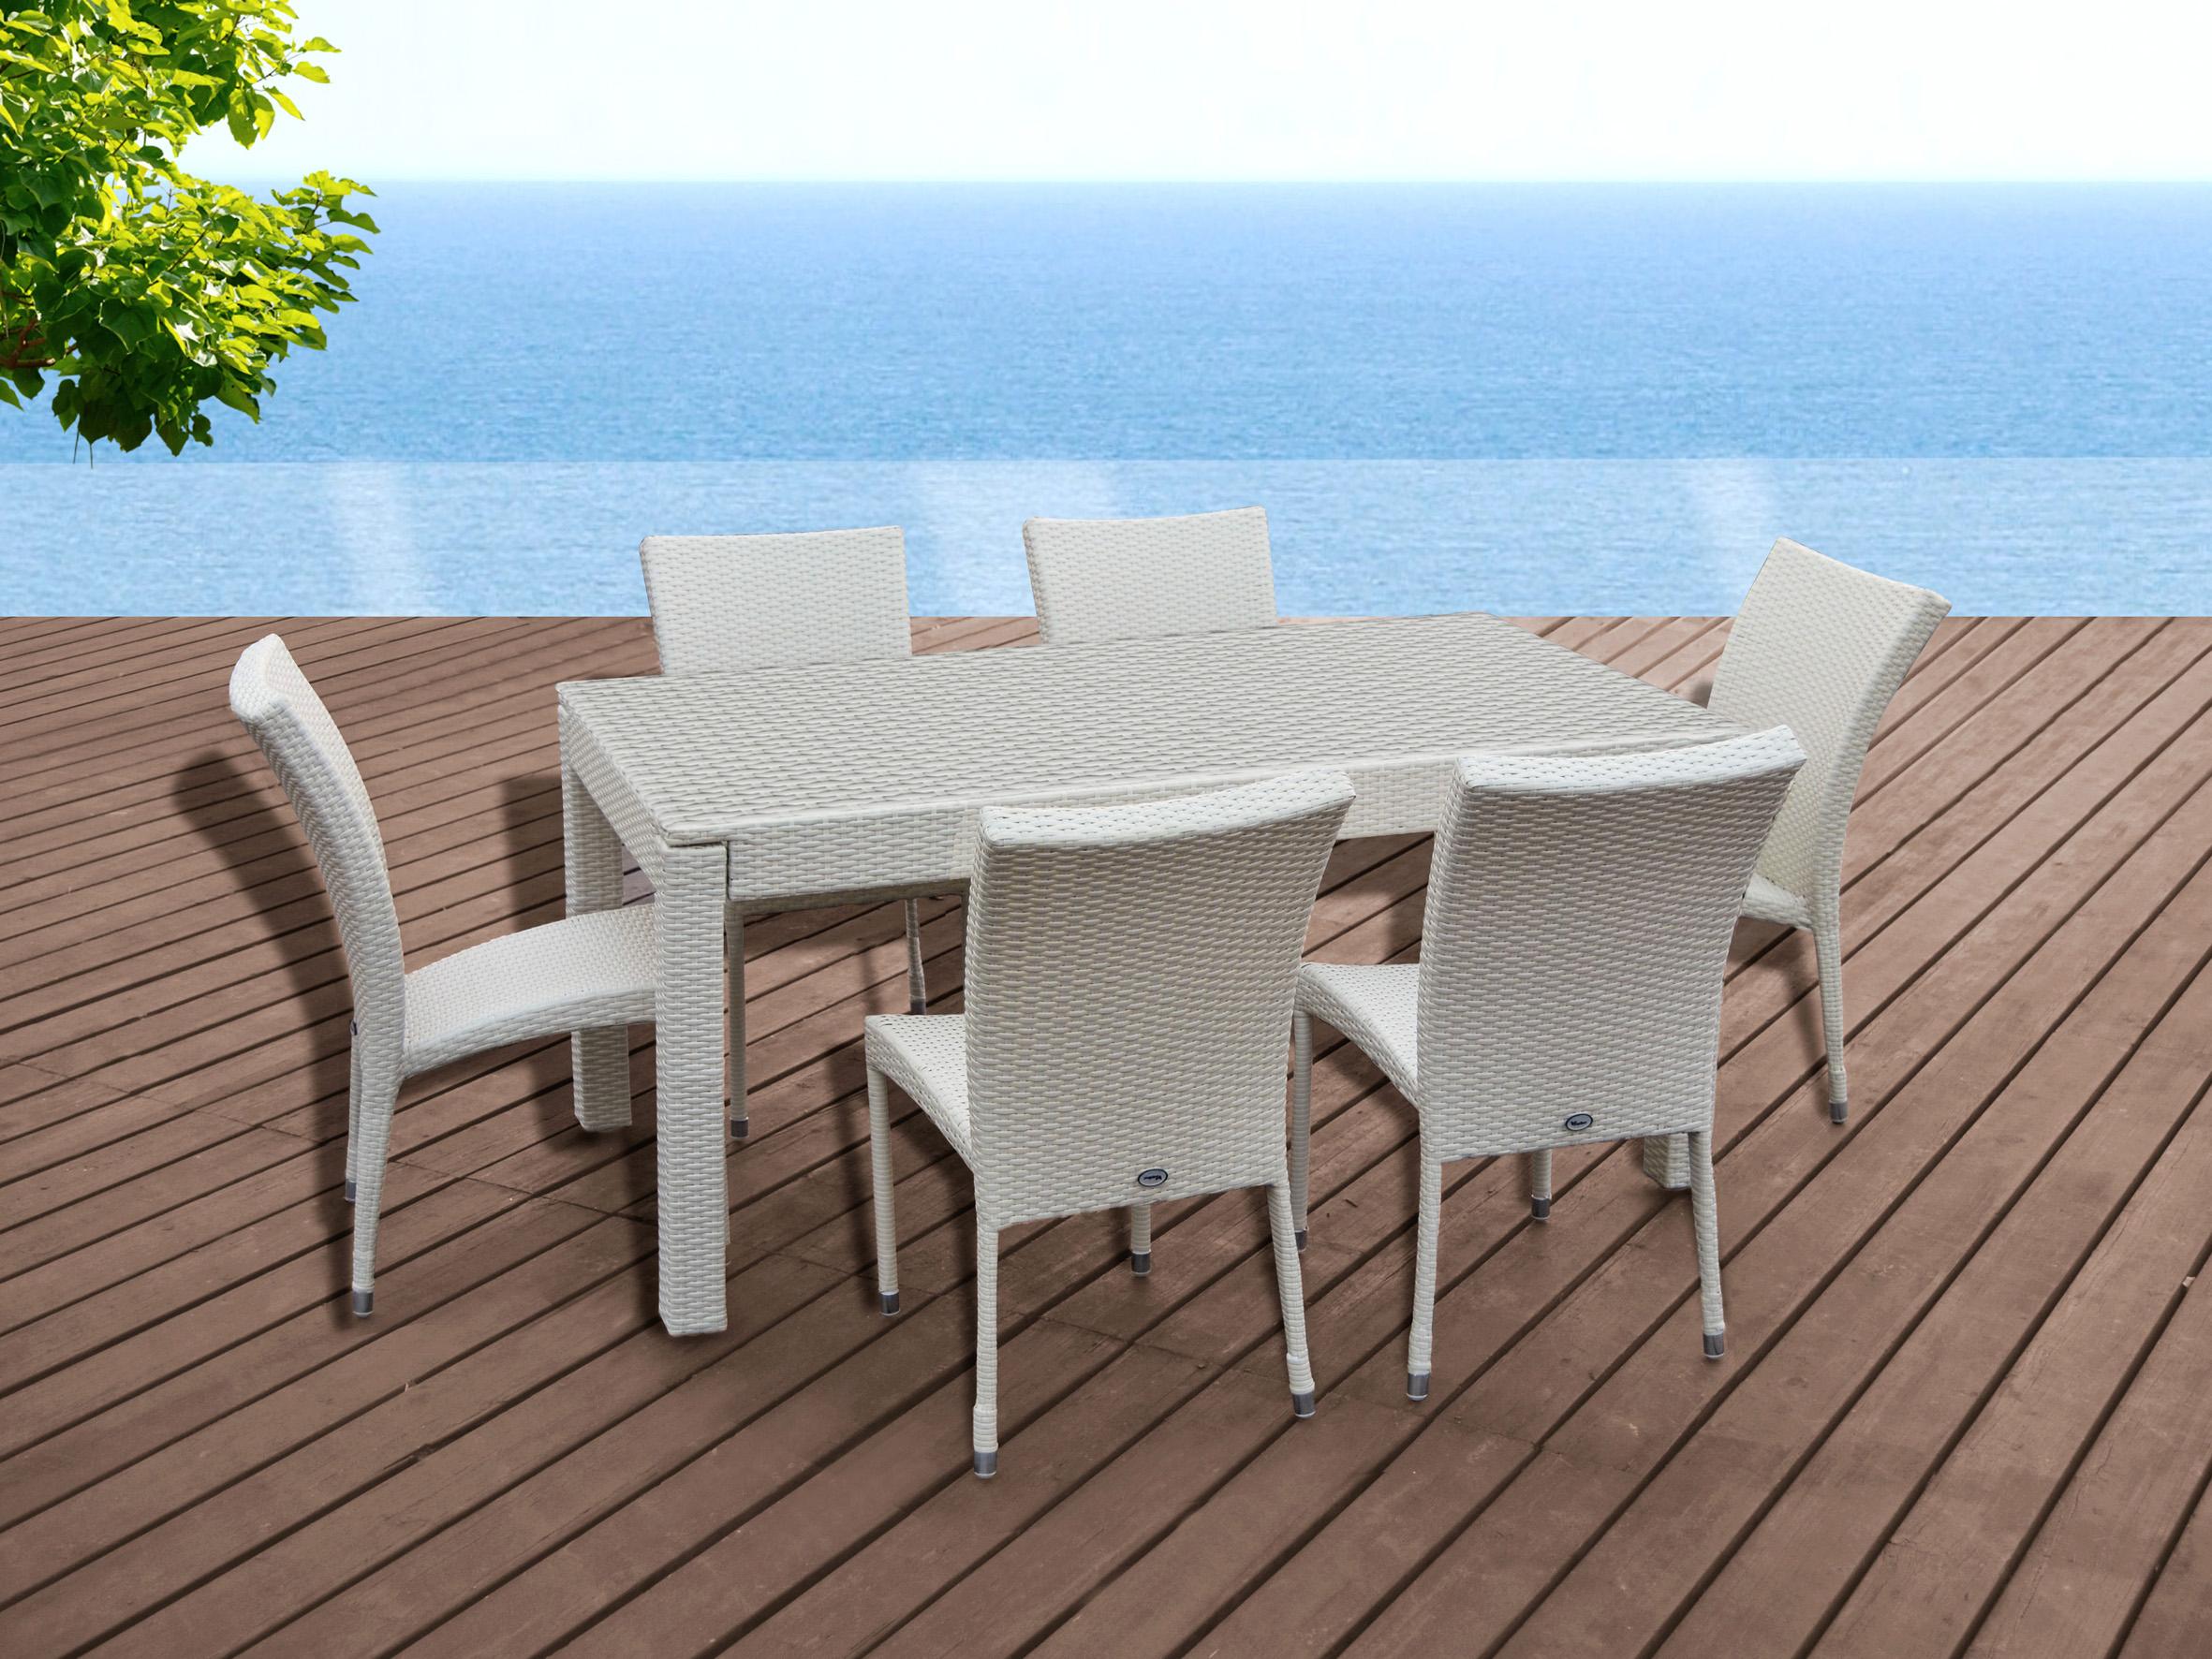 mobiliario para exterior mesas y sillas generico conjunto